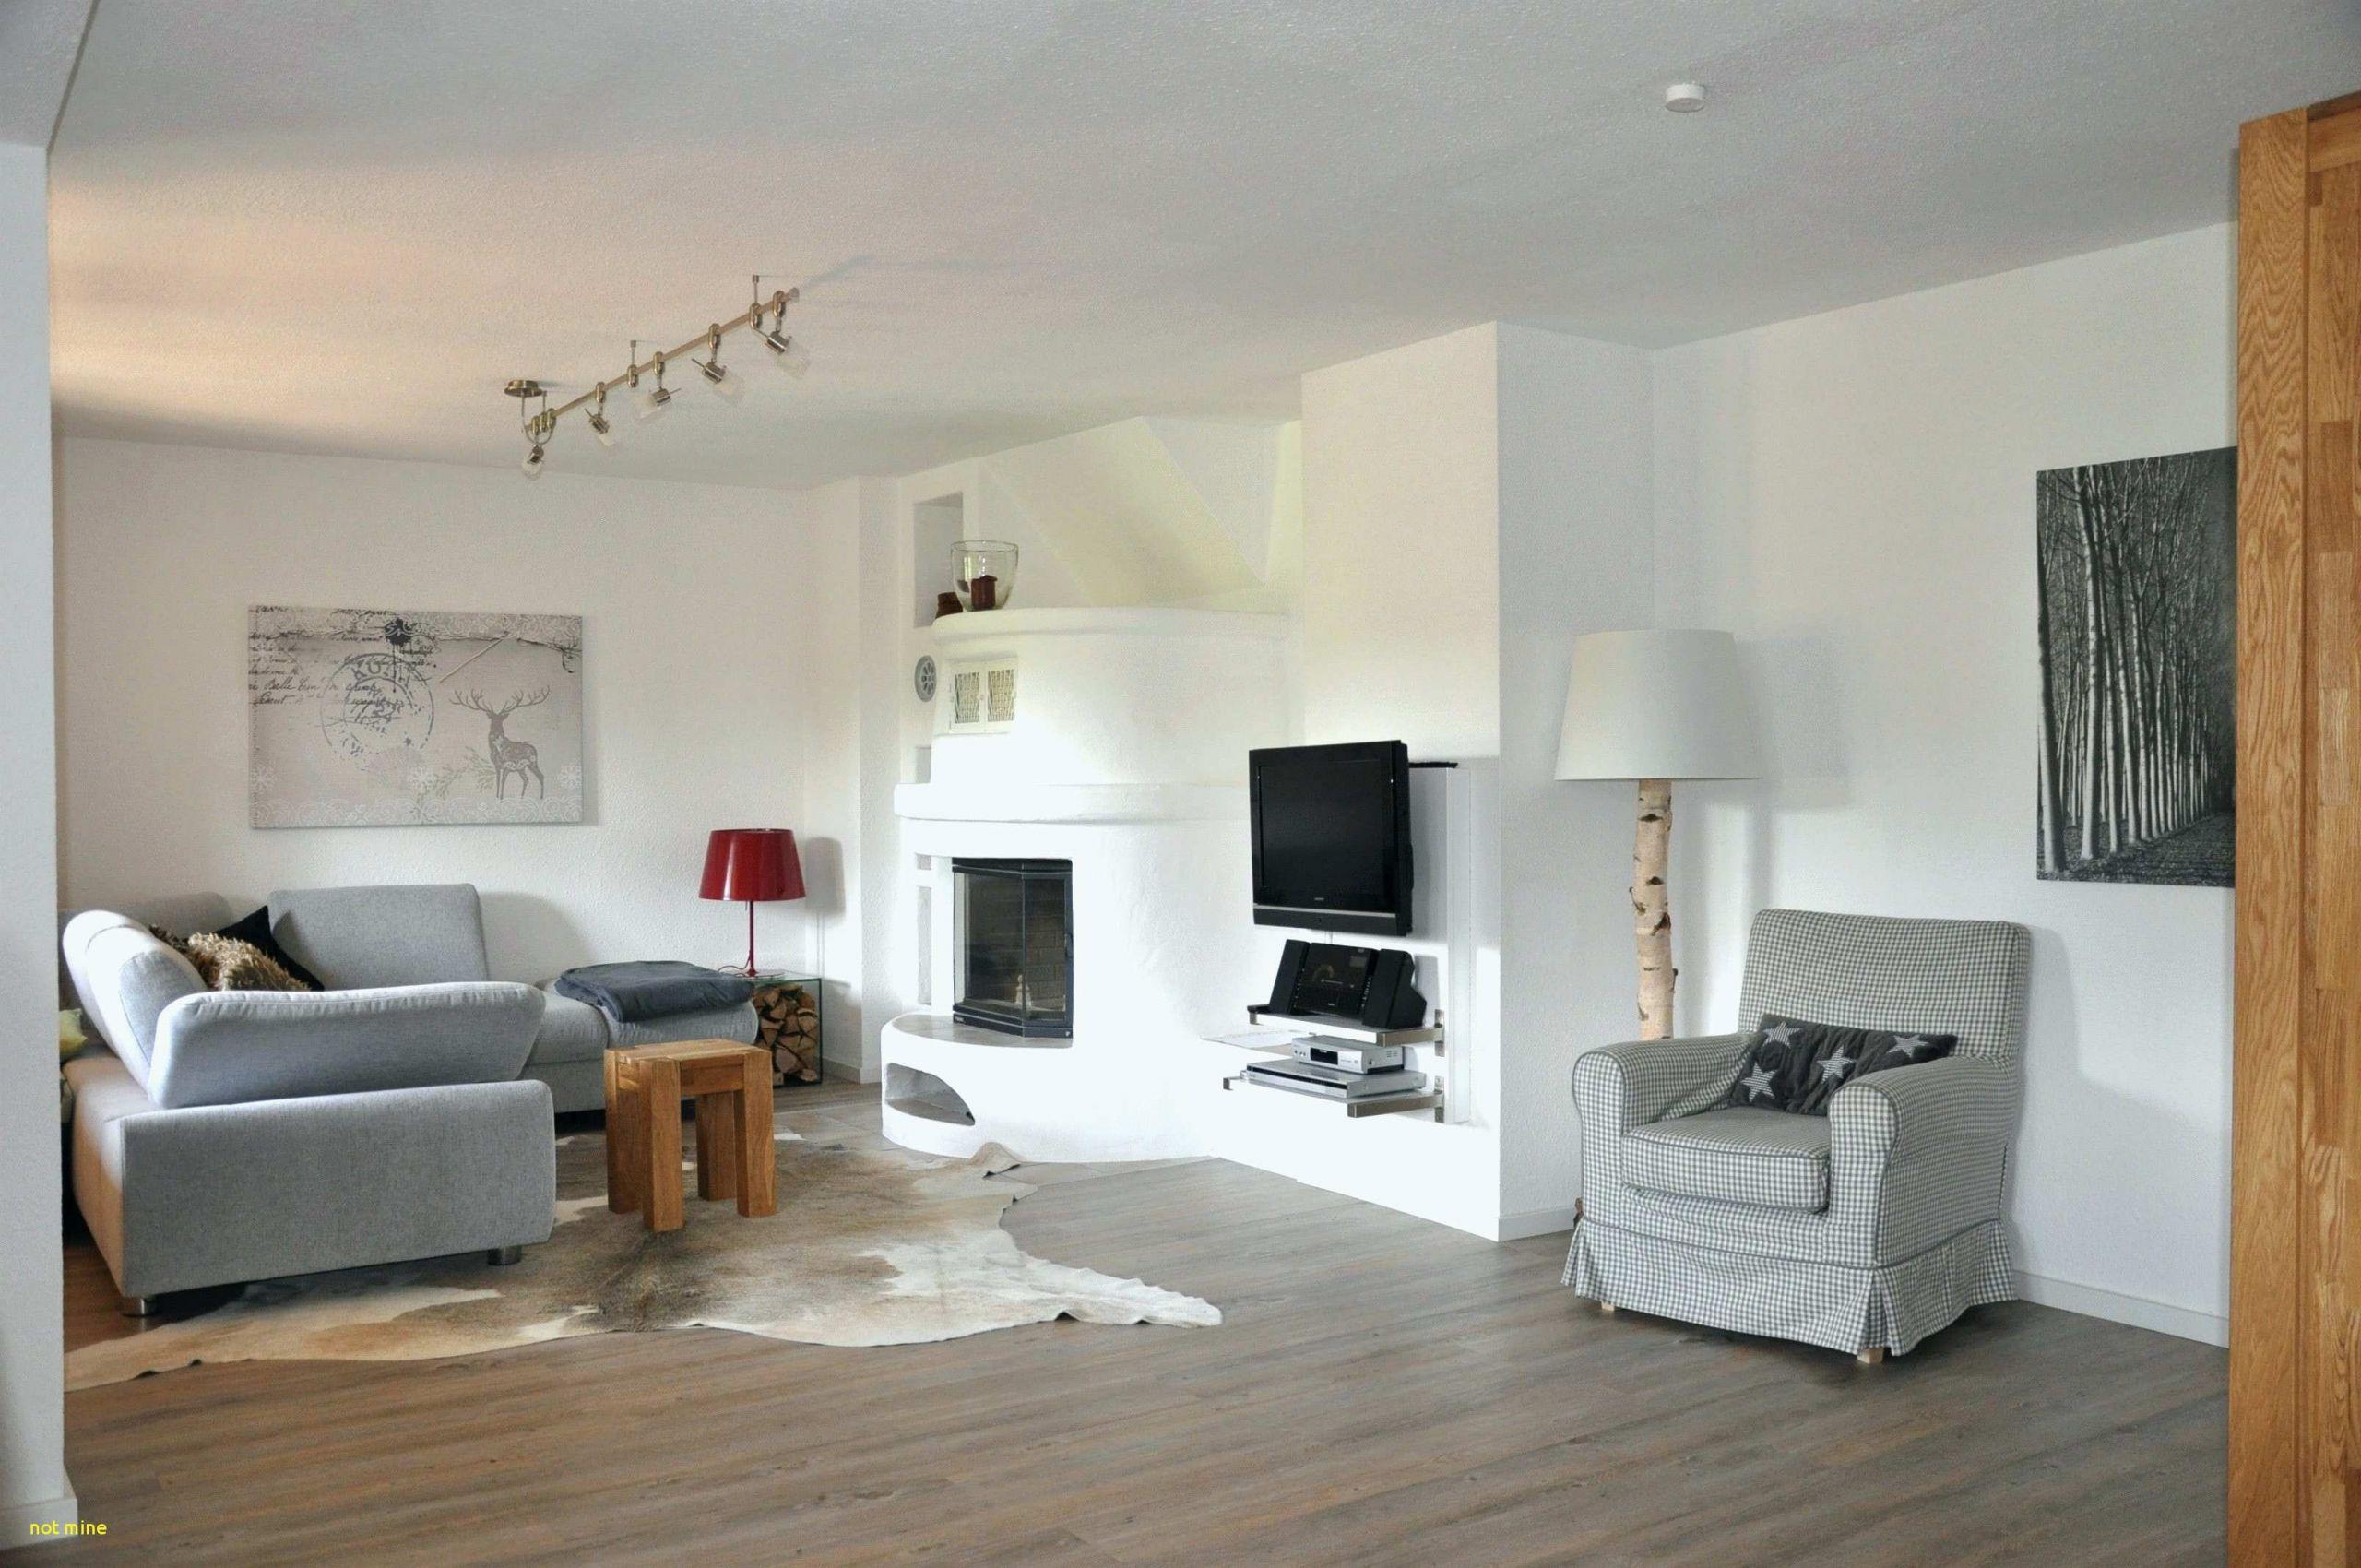 deko basteln wohnzimmer best of 40 luxus wohnzimmer wanddeko ideen meinung of deko basteln wohnzimmer